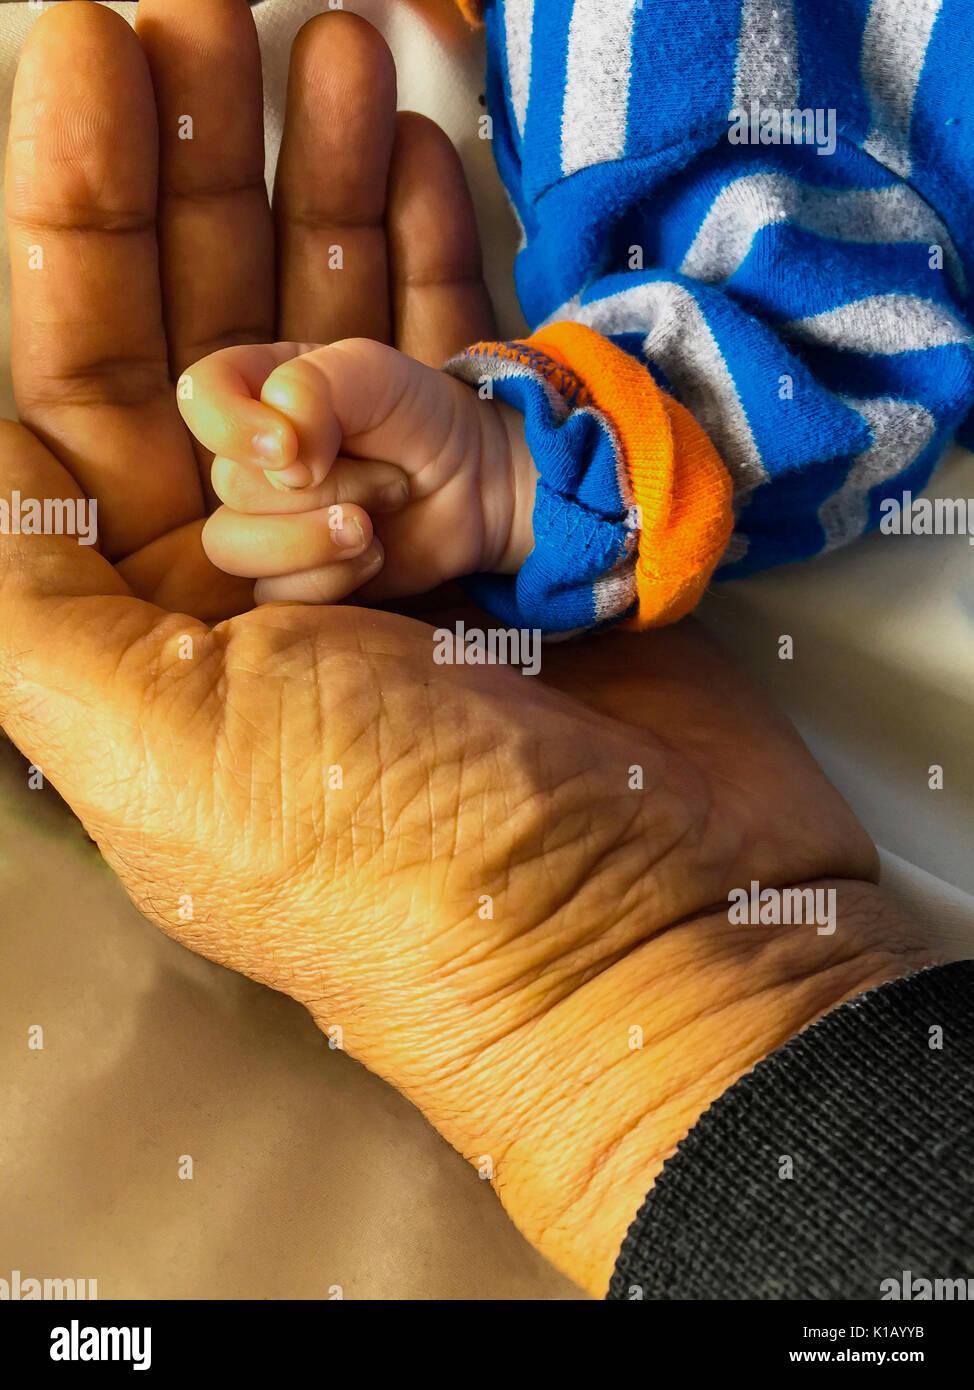 Ein Großvater wiegen die Hand eines neugeborenen Babys, eine Verbindung zwischen den Generationen, Nova Scotia, Kanada Stockbild